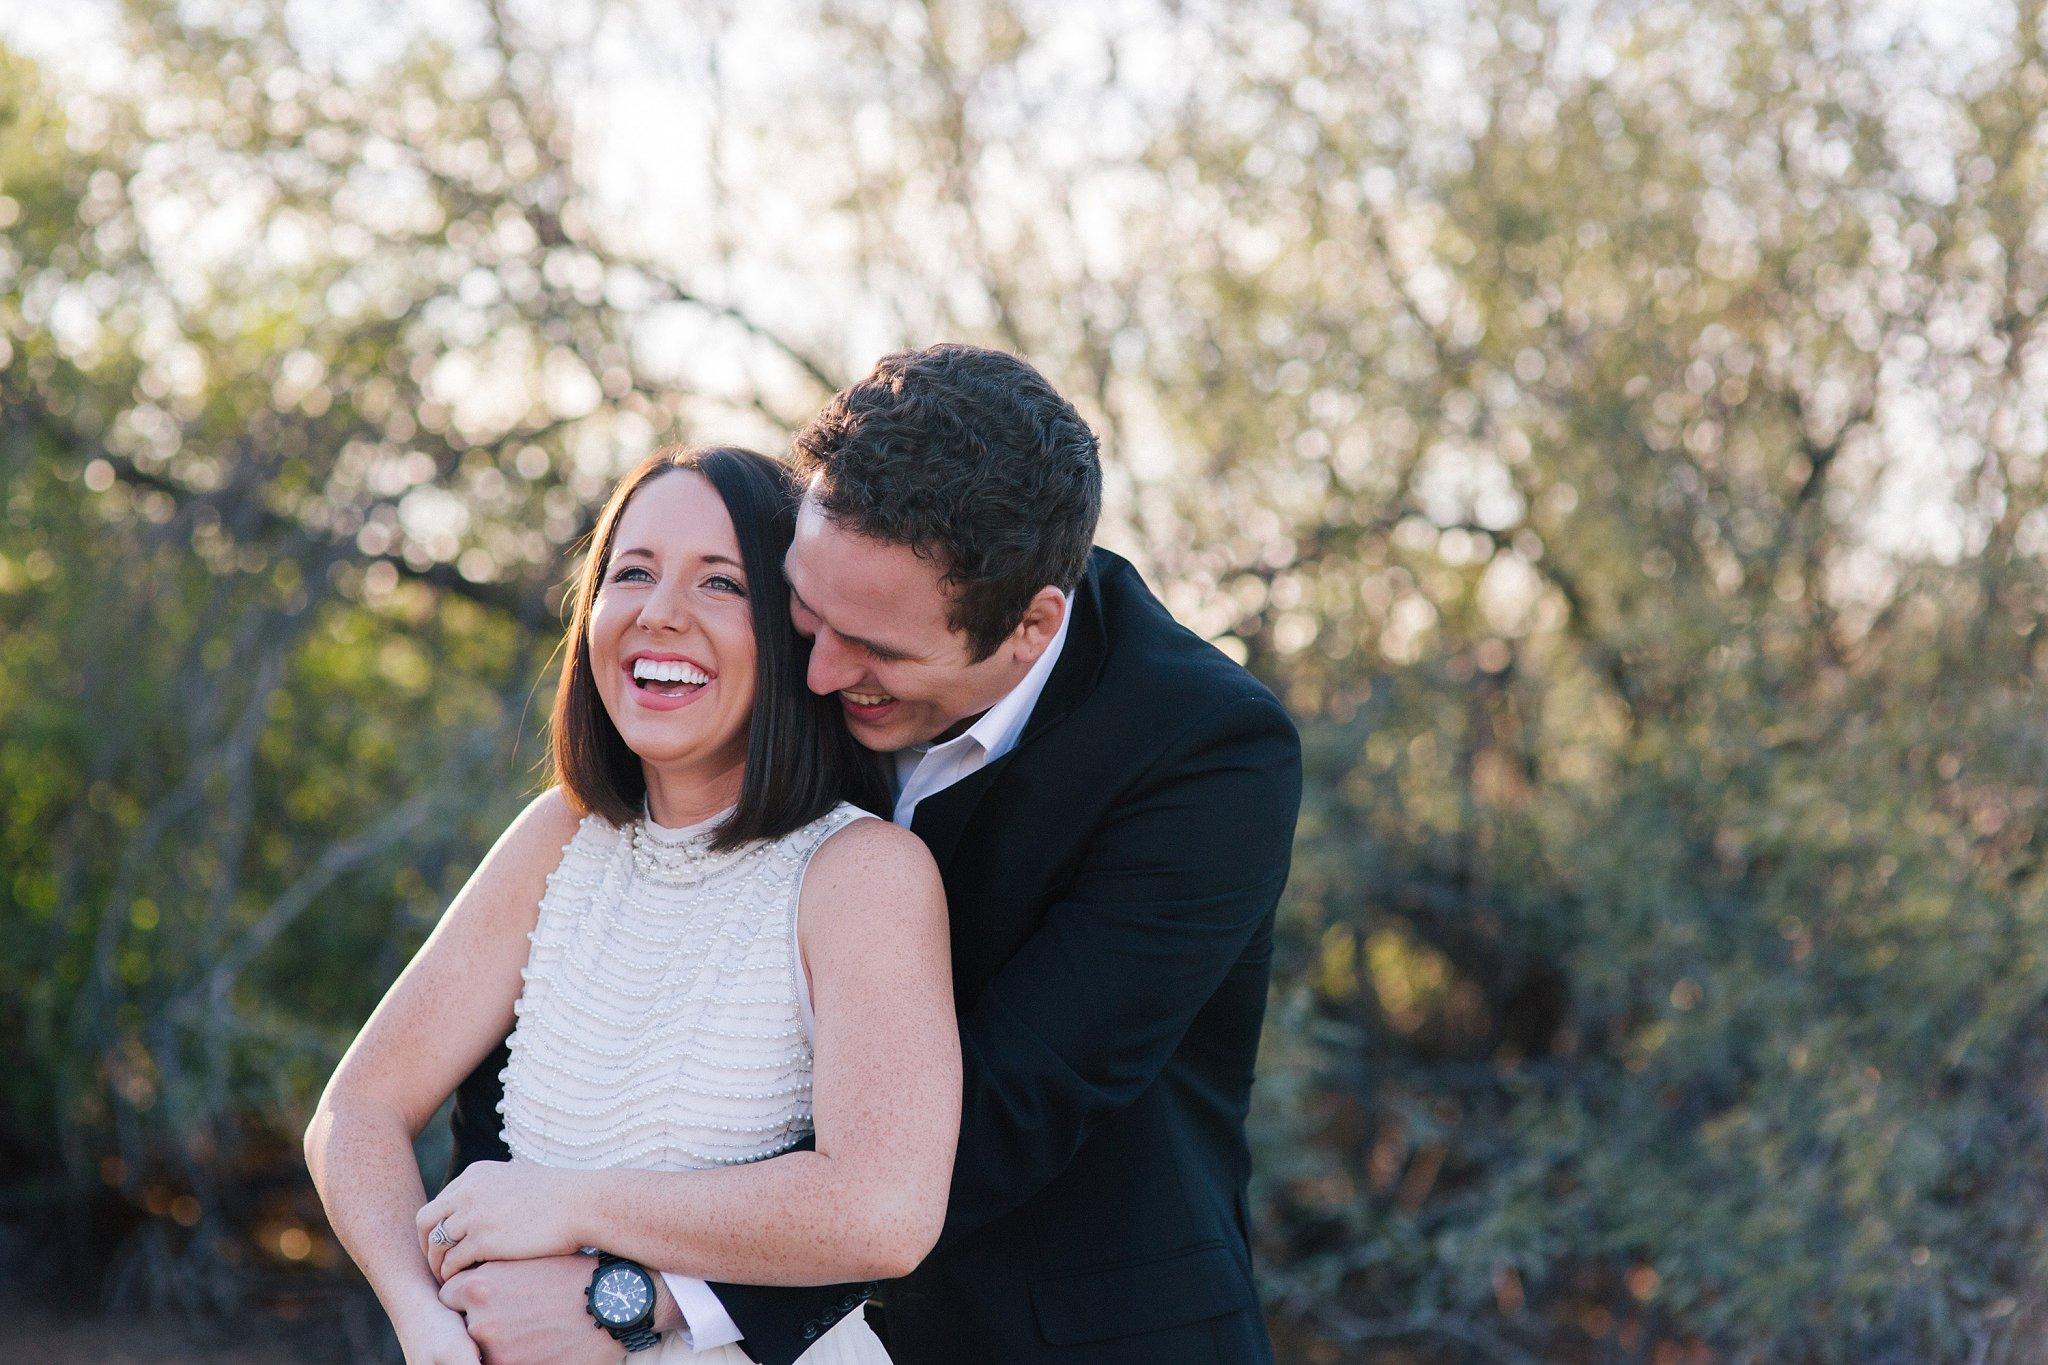 Arizona candid engagement photography